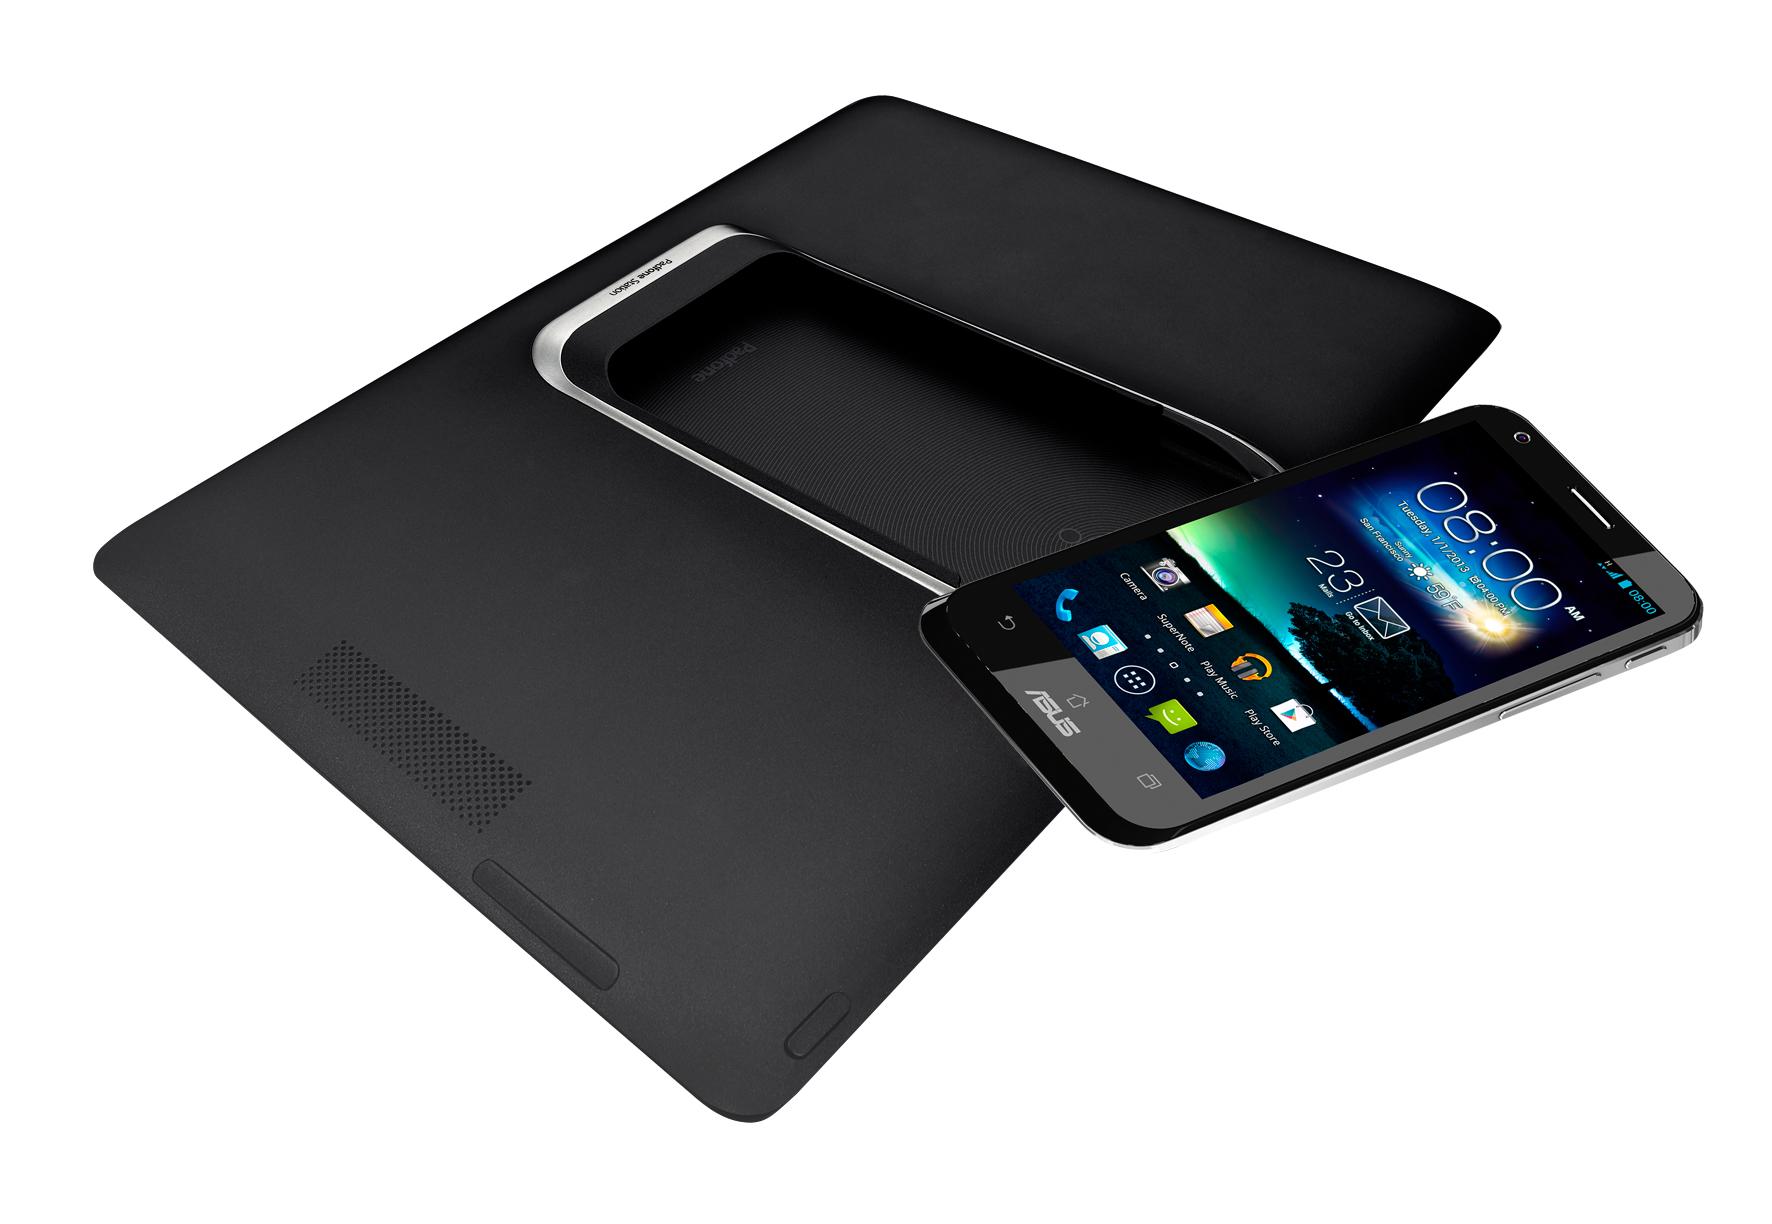 ASUS: Interessiert an der Herstellung von Windows Phone 8 Smartphones